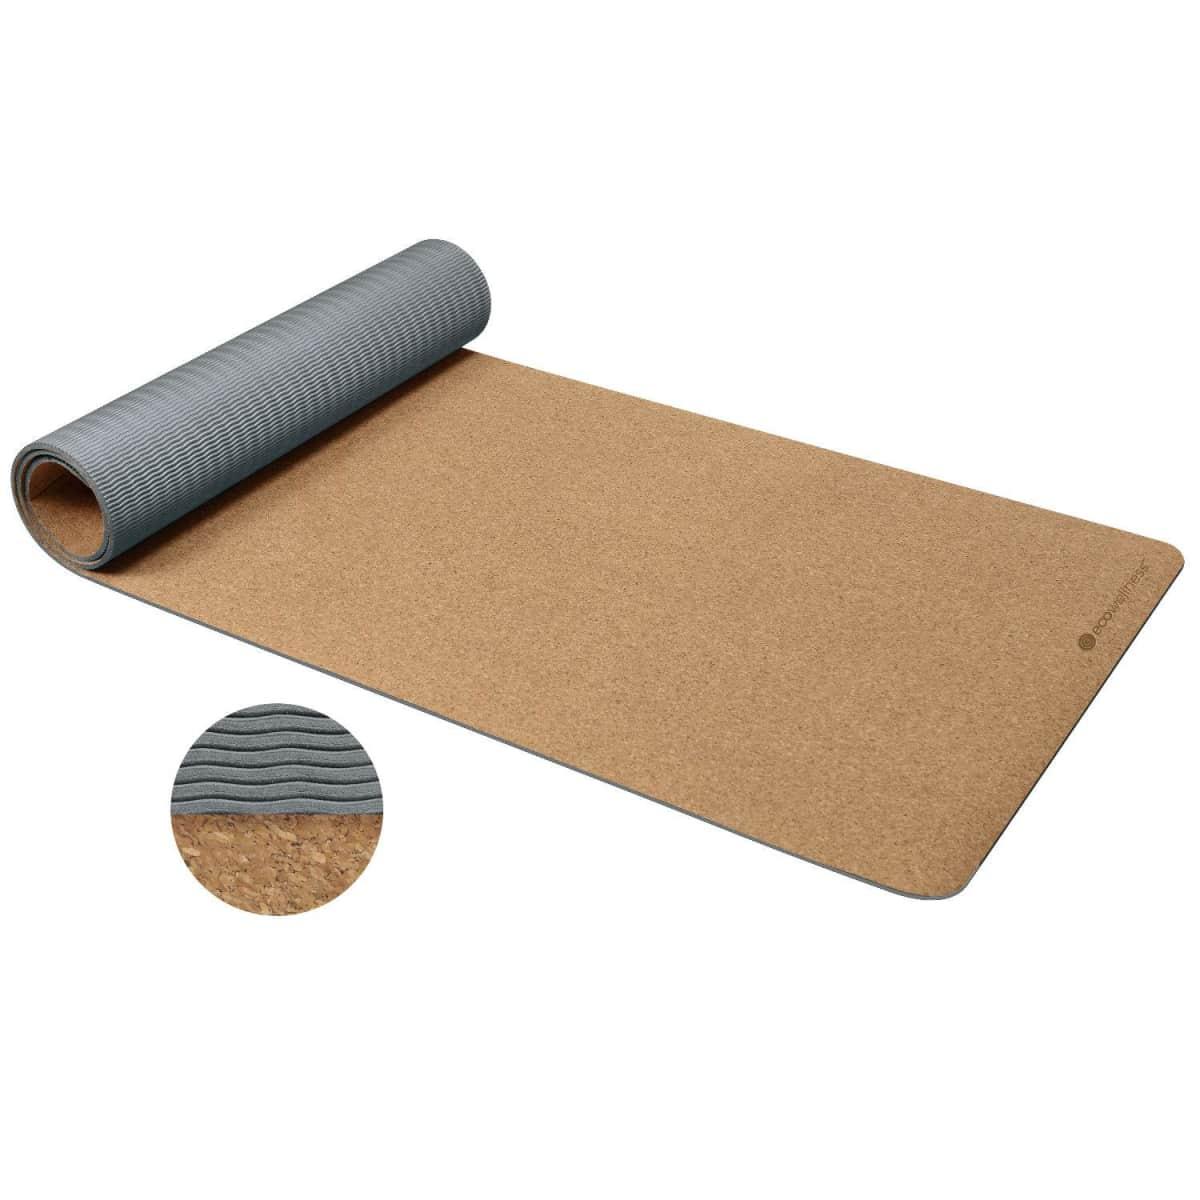 Ew Cork Tpe Yoga Mat 4mm